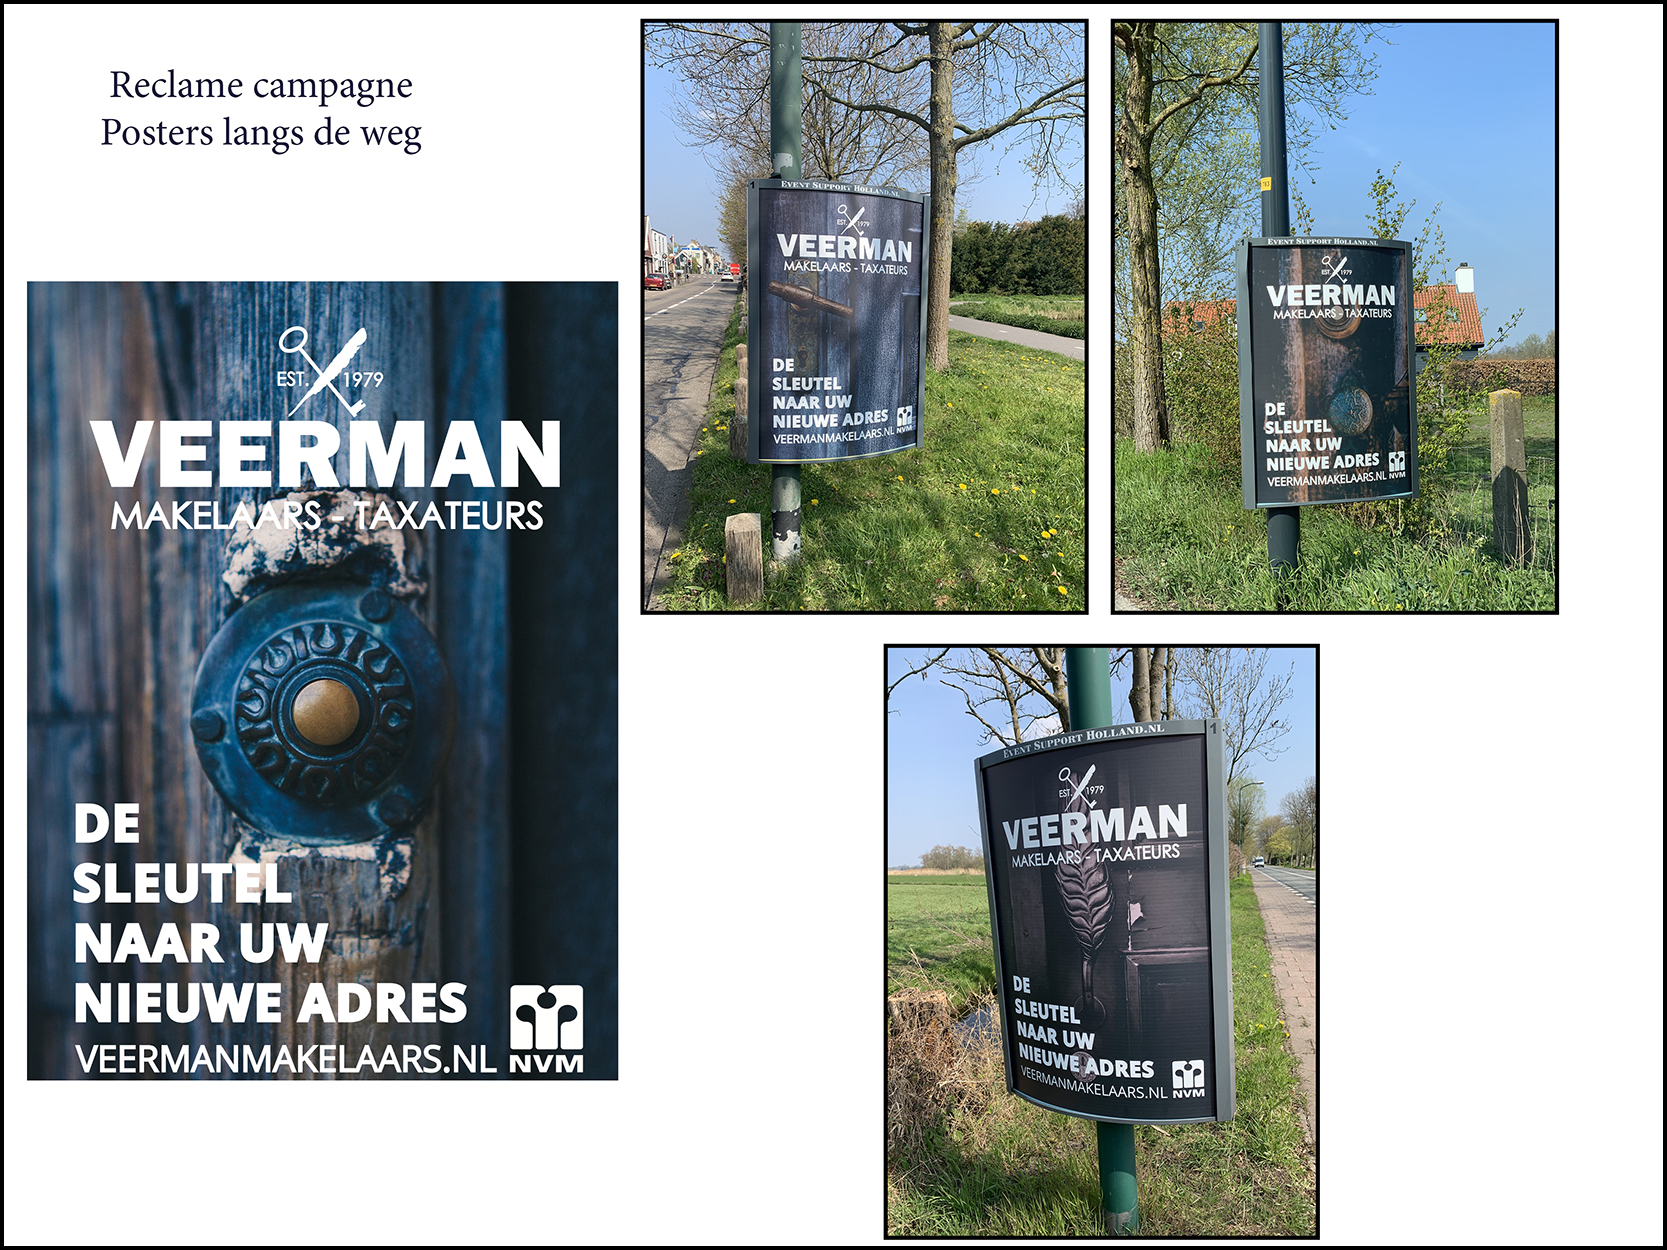 Veerman Makelaars Posters